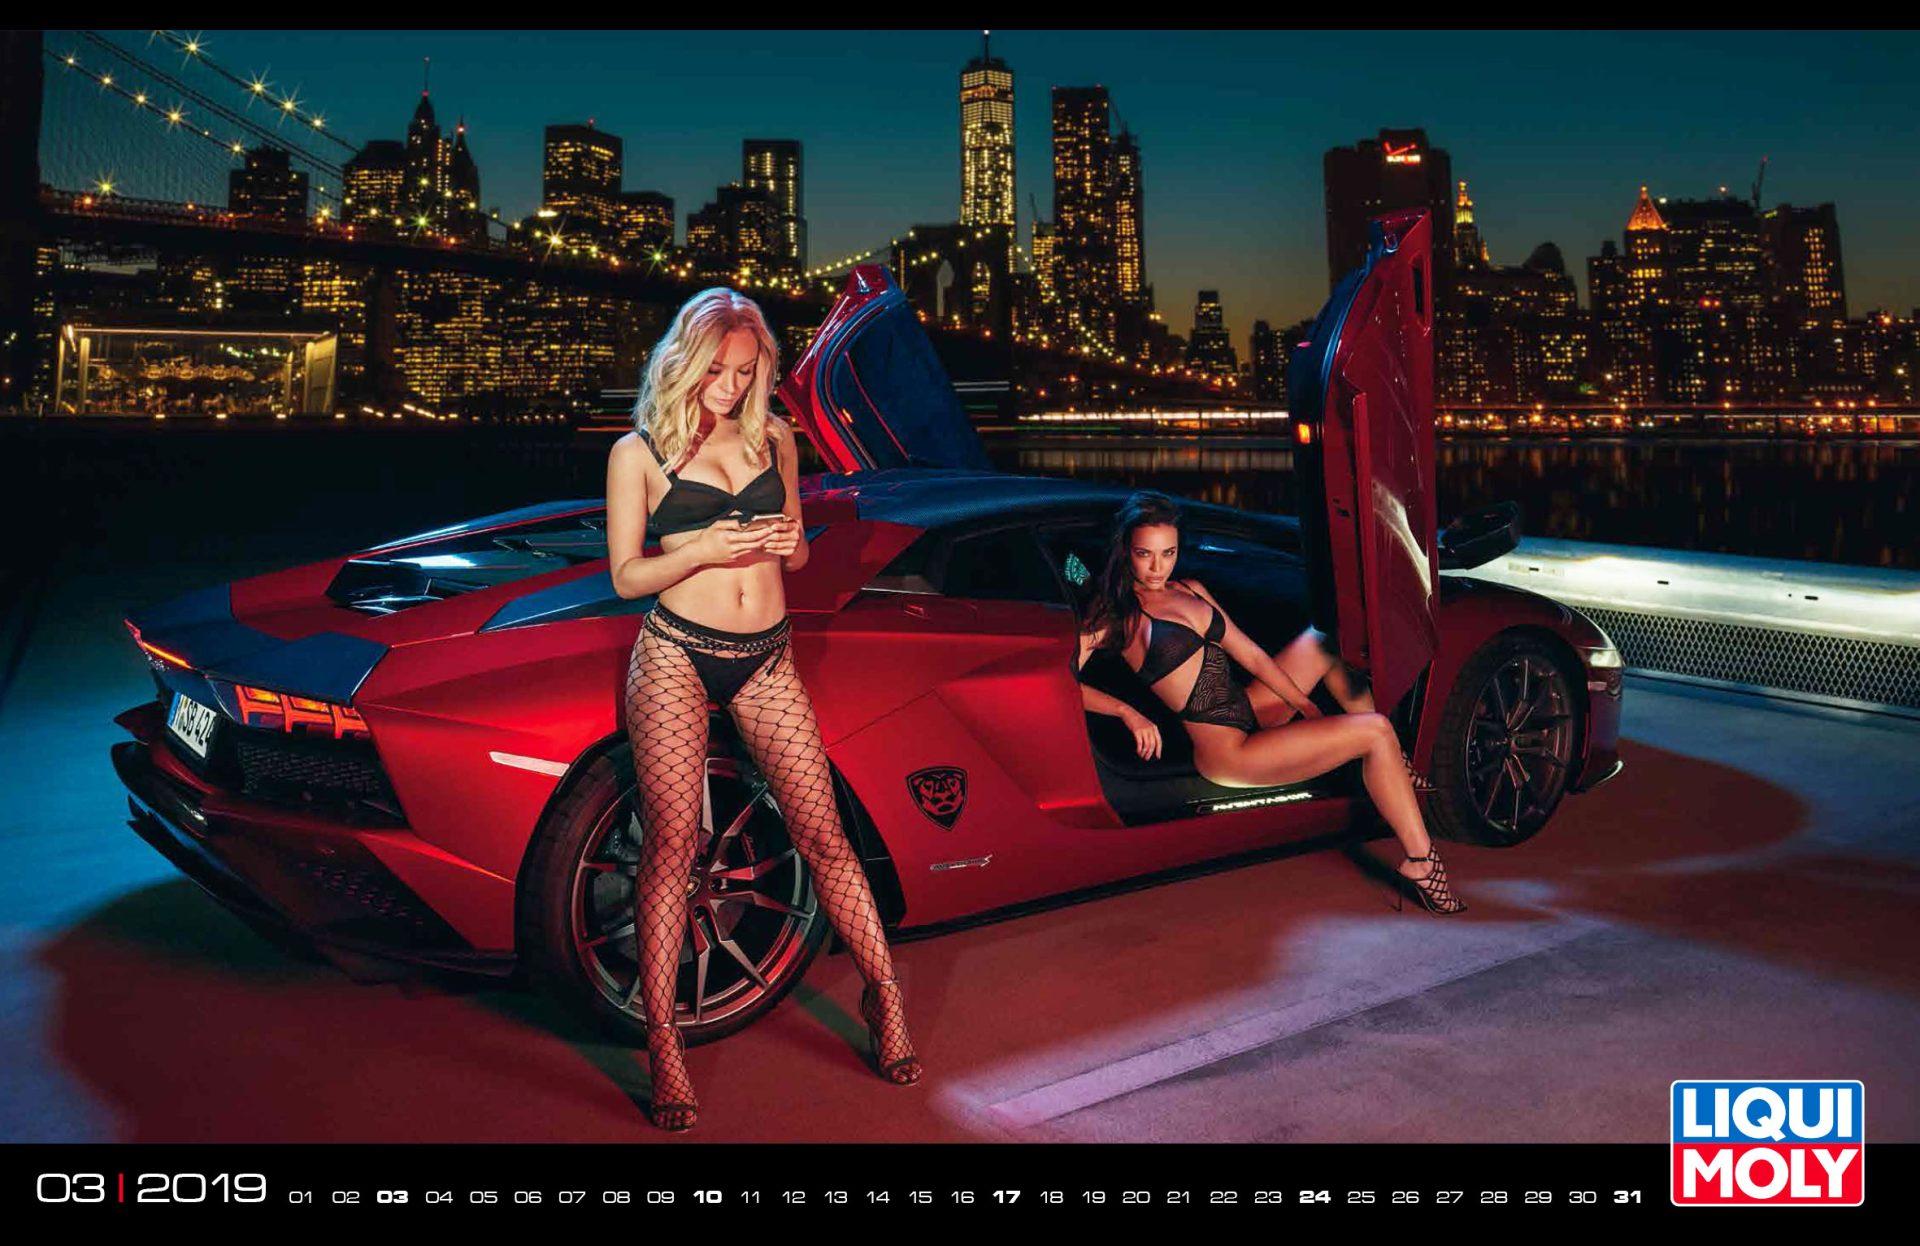 Schöne Frauen und exklusive Sportwagen in Szene gesetzt